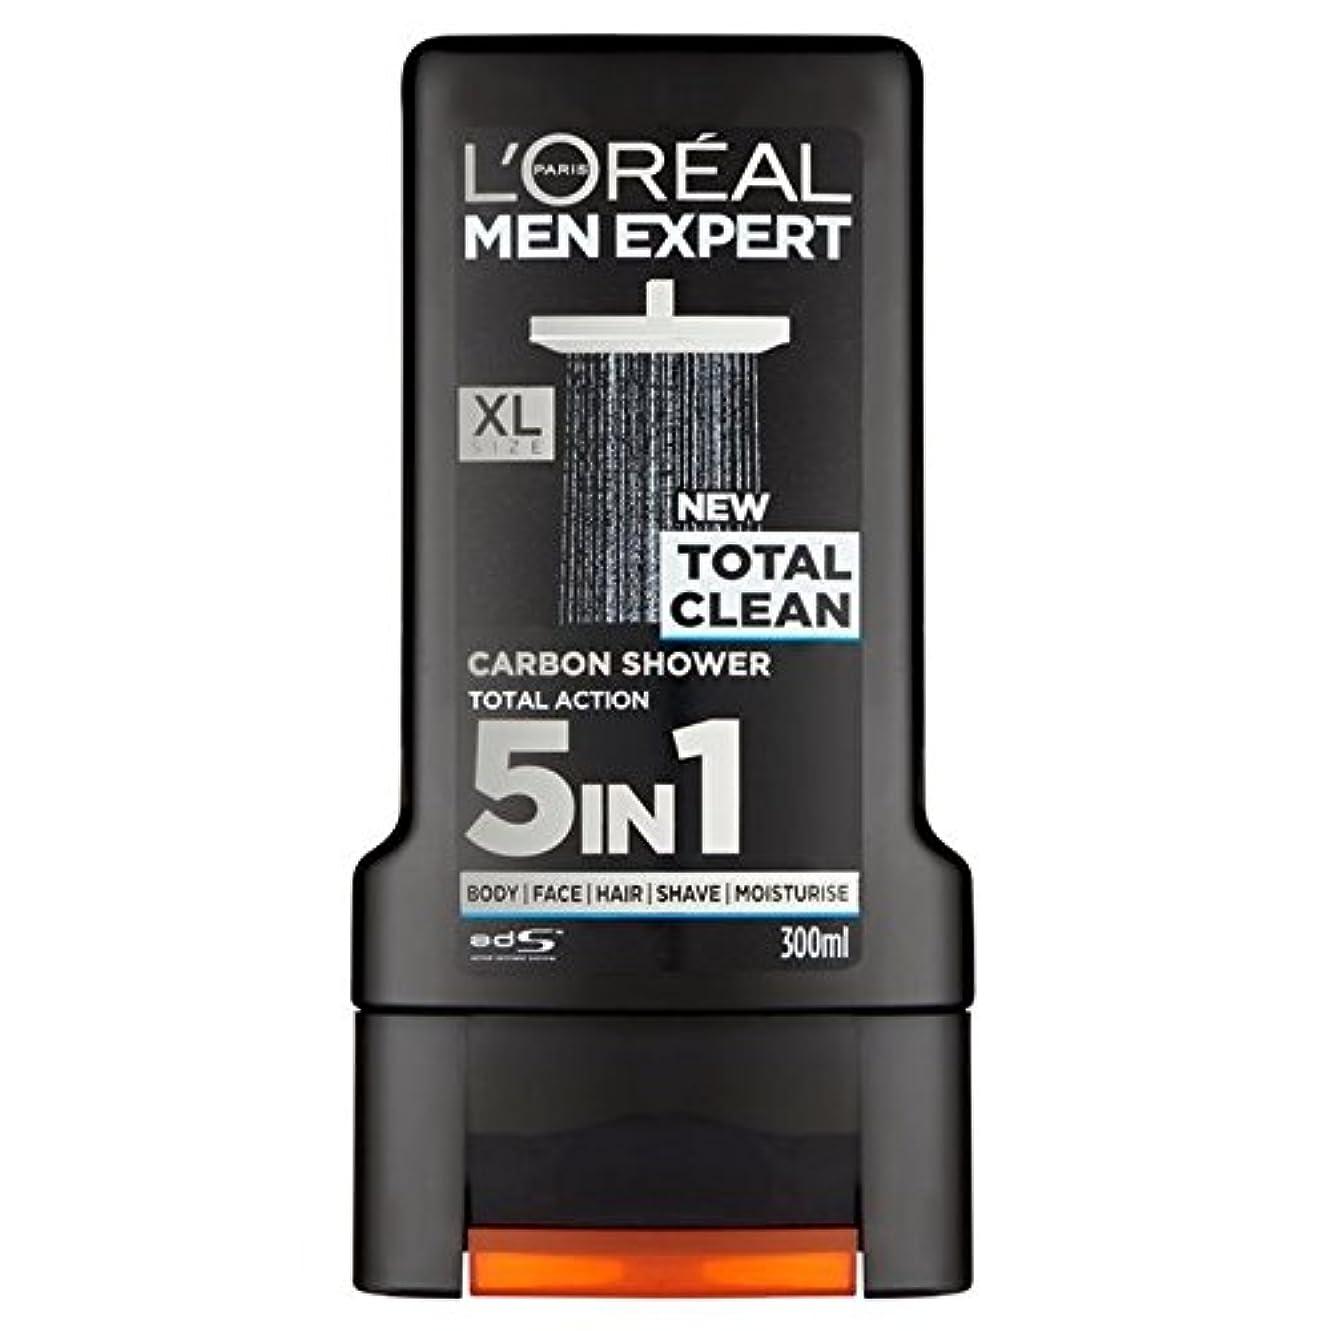 スーツケース言語学心臓L'Oreal Paris Men Expert Total Clean Shower Gel 300ml (Pack of 6) - ロレアルパリのメンズ専門トータルクリーンシャワージェル300ミリリットル x6 [並行輸入品]